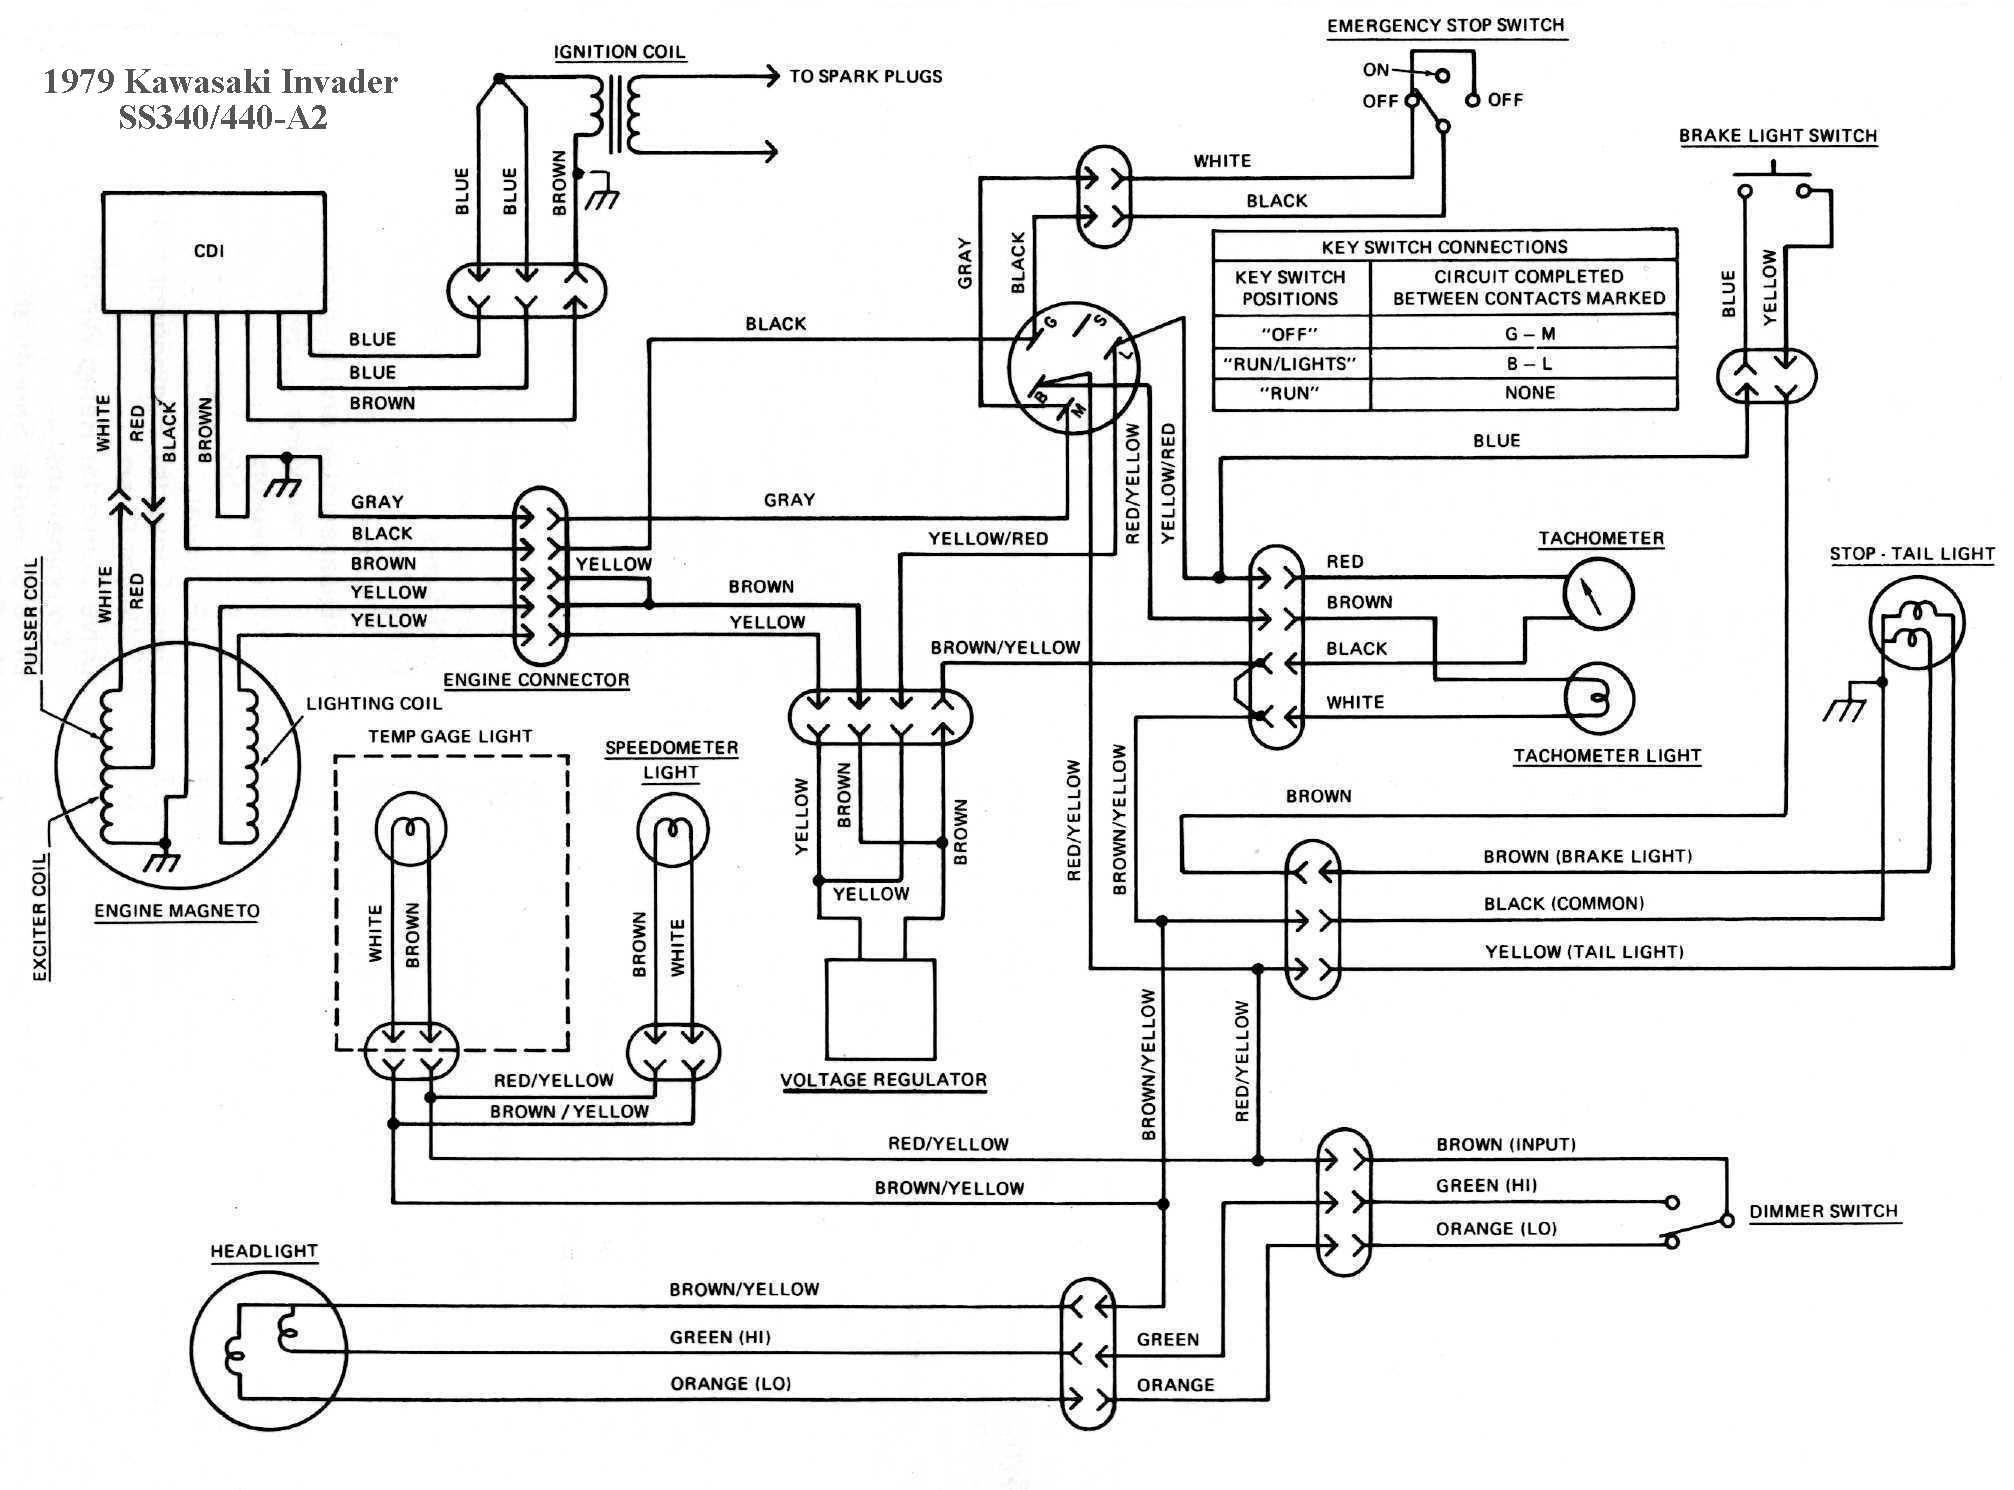 1994 Kawasaki Ke100 Wiring Diagram